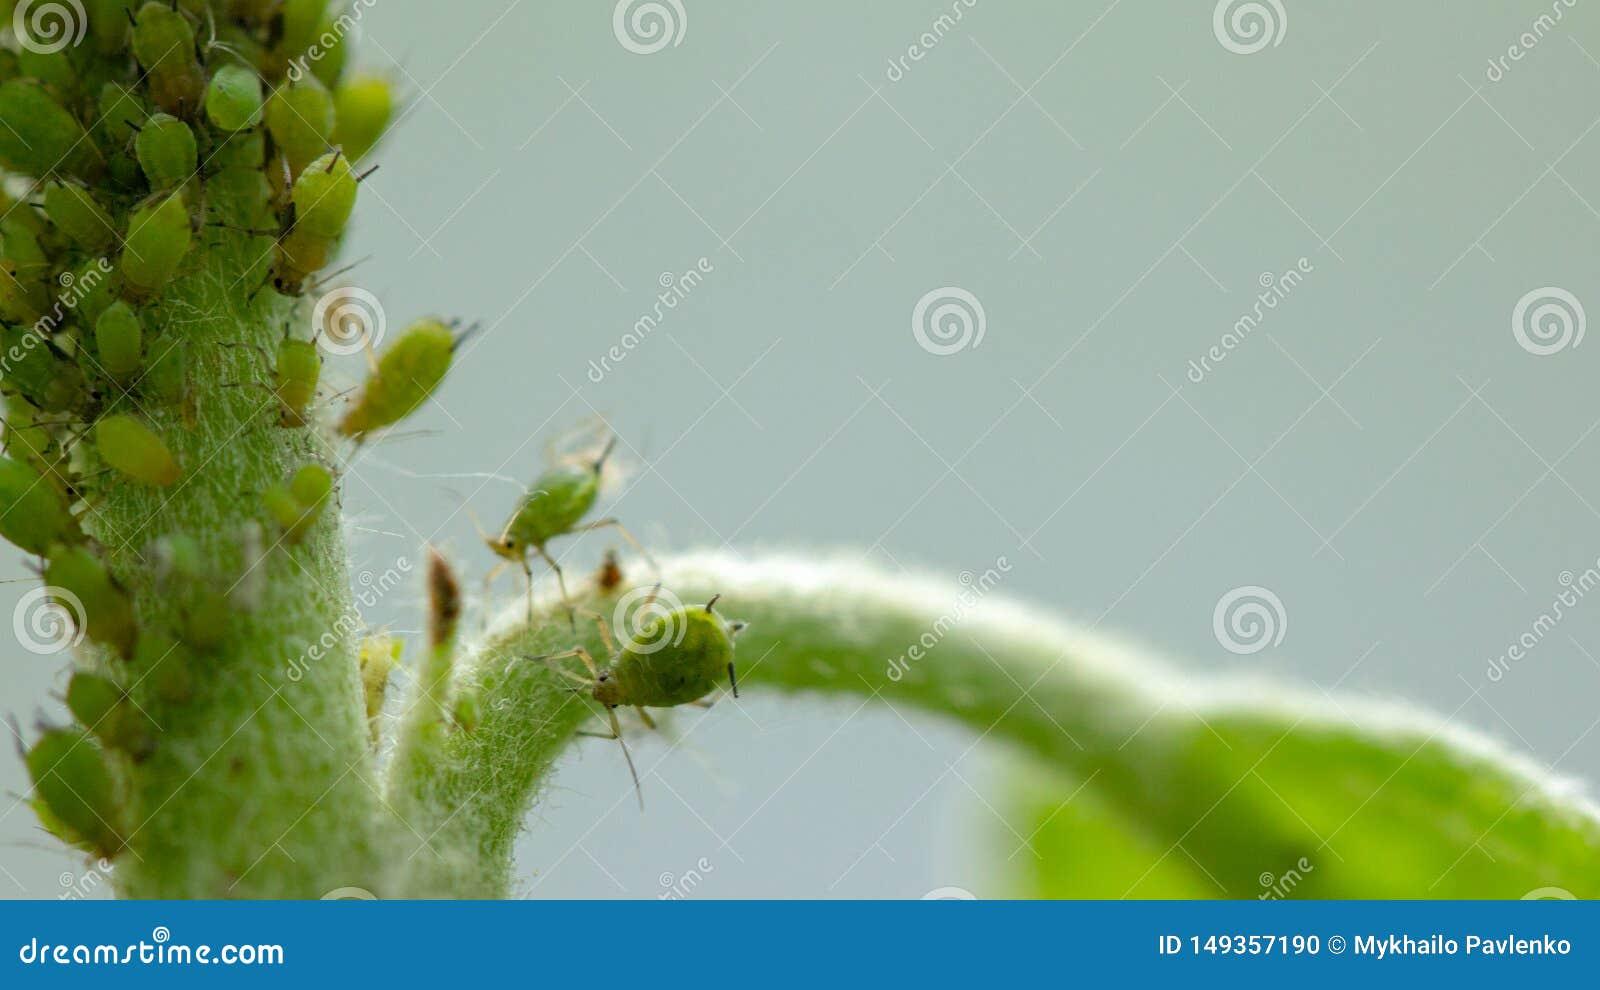 E El insecto alimenta en los jugos de la planta, destruyendo las hojas, las enfermedades de extensi?n y